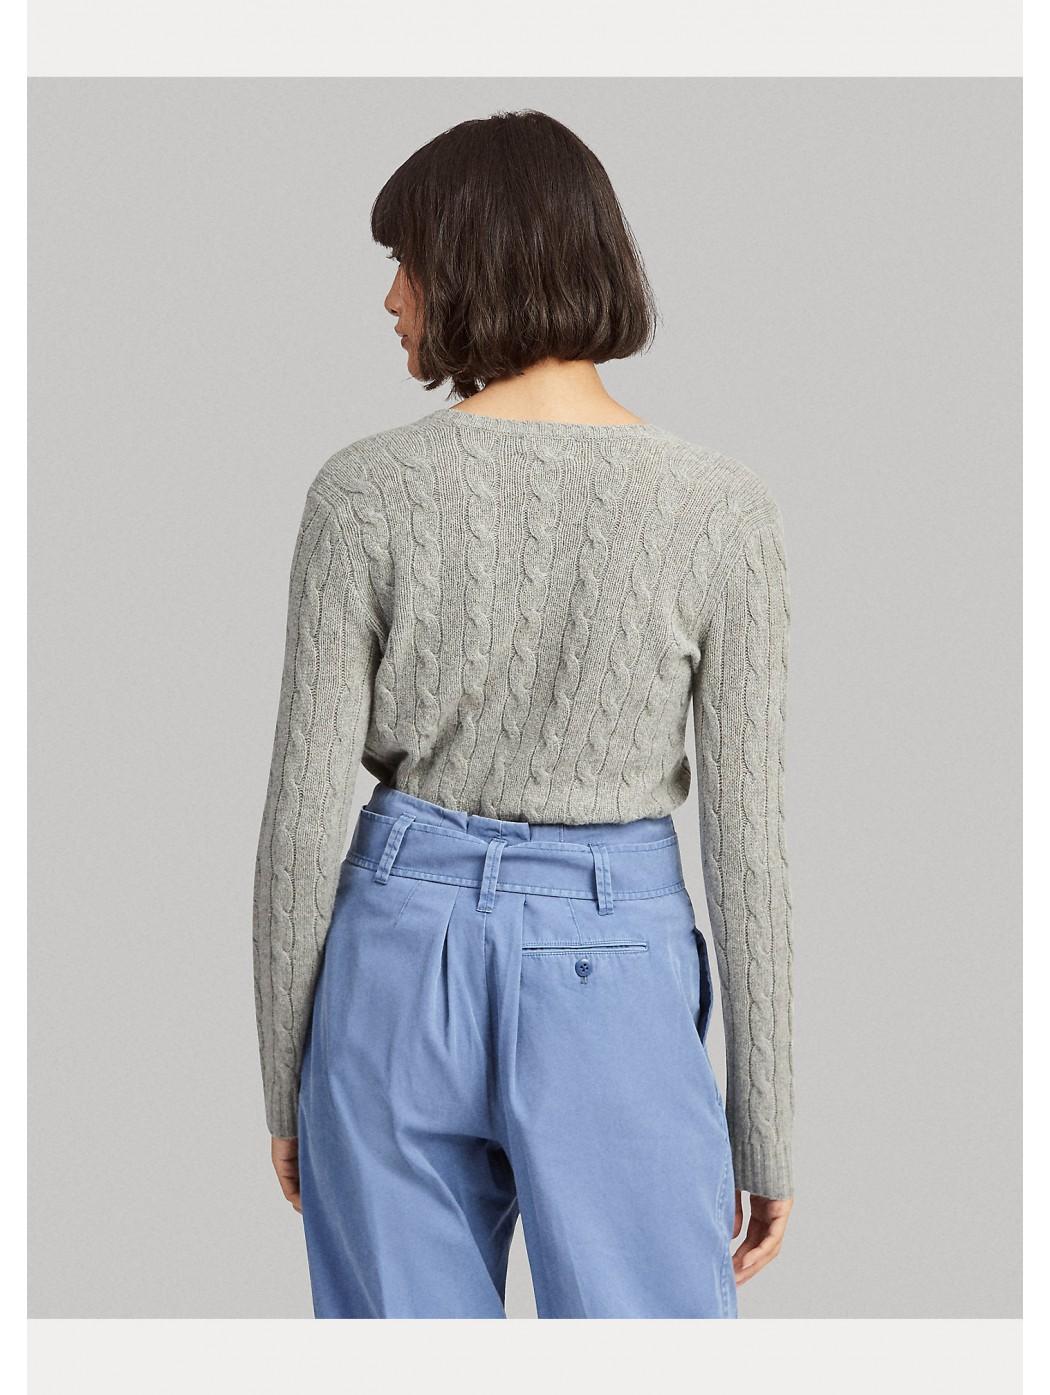 Maglia in lana e cashmere a trecce POLO RALPH LAUREN DONNA 211508656 016